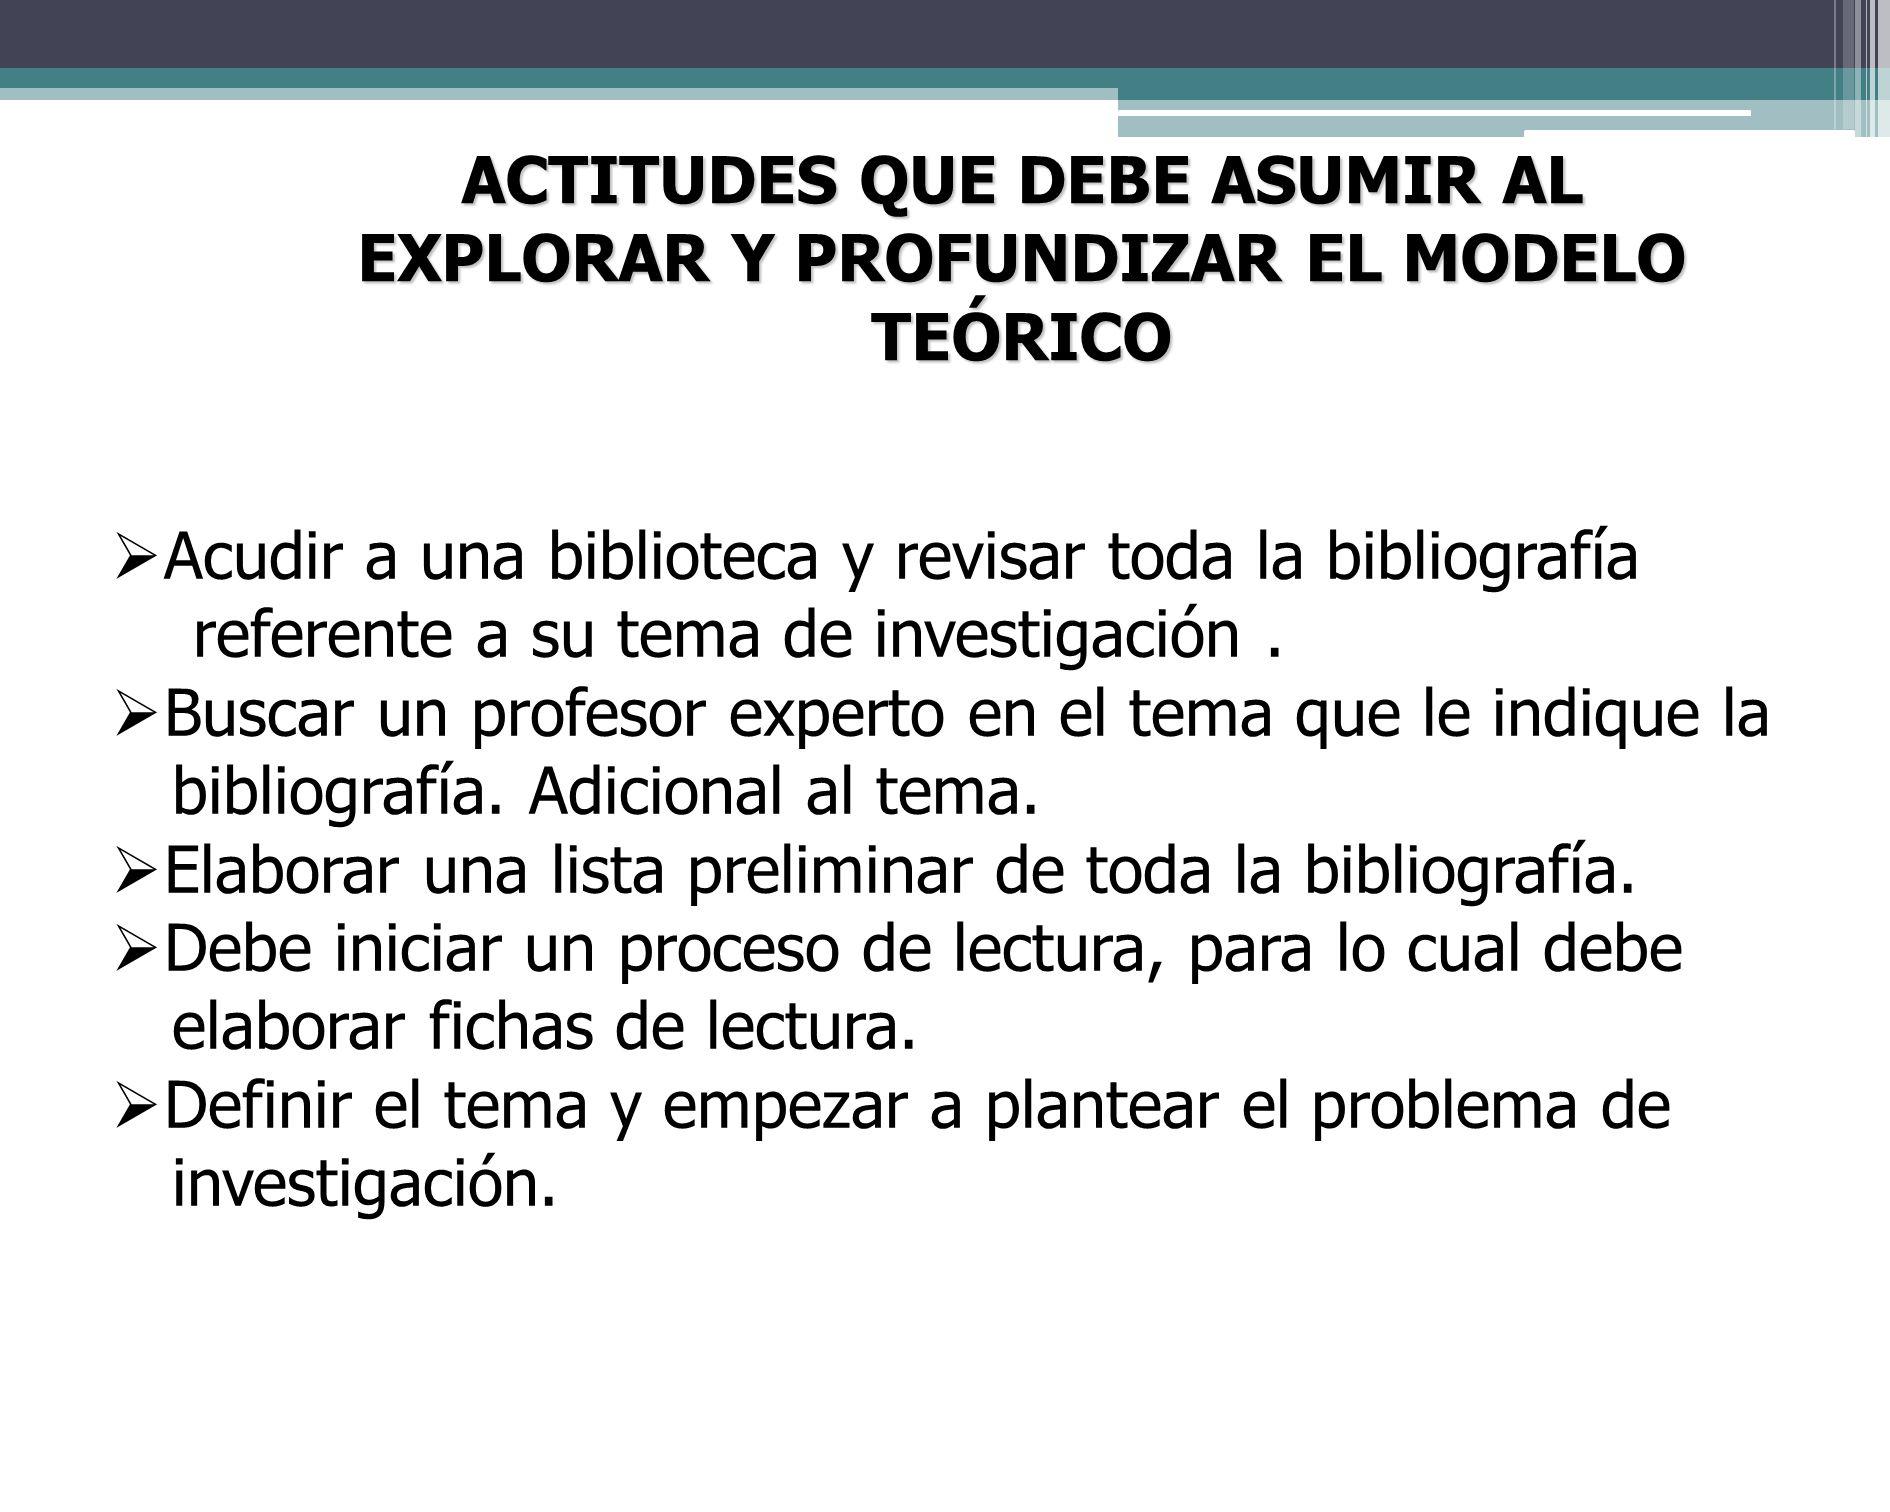 ACTITUDES QUE DEBE ASUMIR AL EXPLORAR Y PROFUNDIZAR EL MODELO TEÓRICO